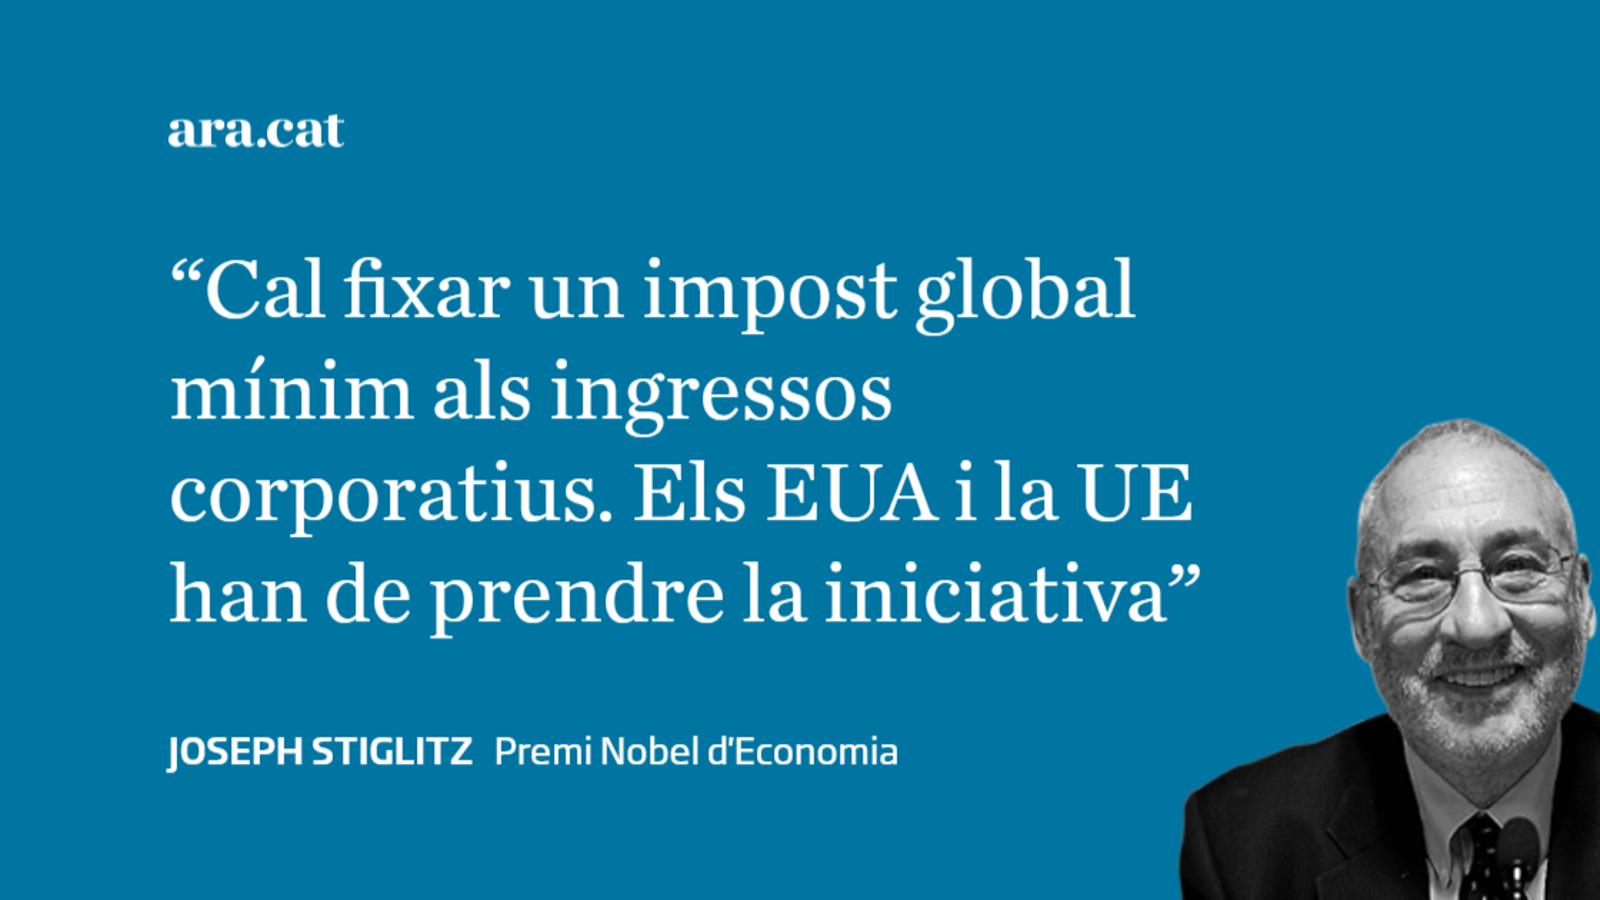 ¿Com es poden cobrar impostos  a les multinacionals elusives?